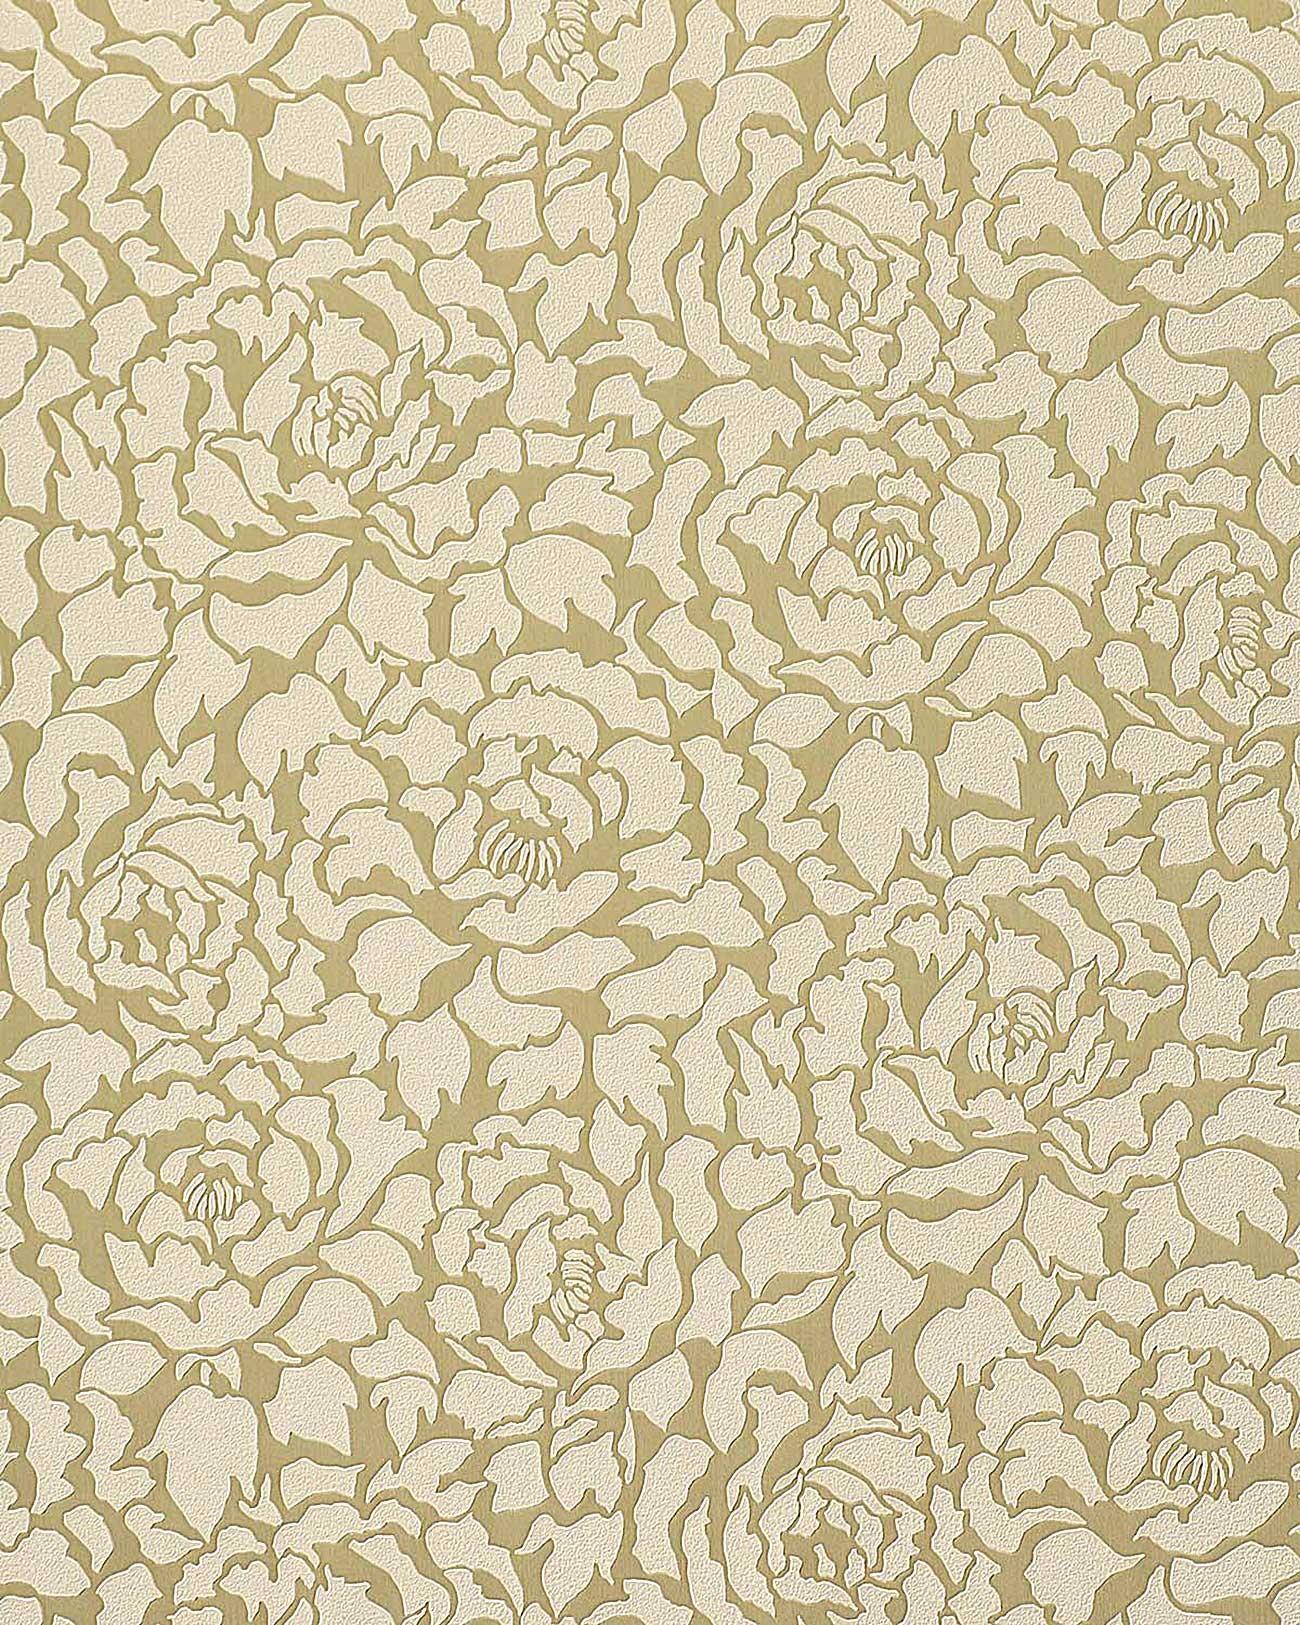 Carta da parati goffrata edem 830 22 di lusso a fiori for Carta da parati beige